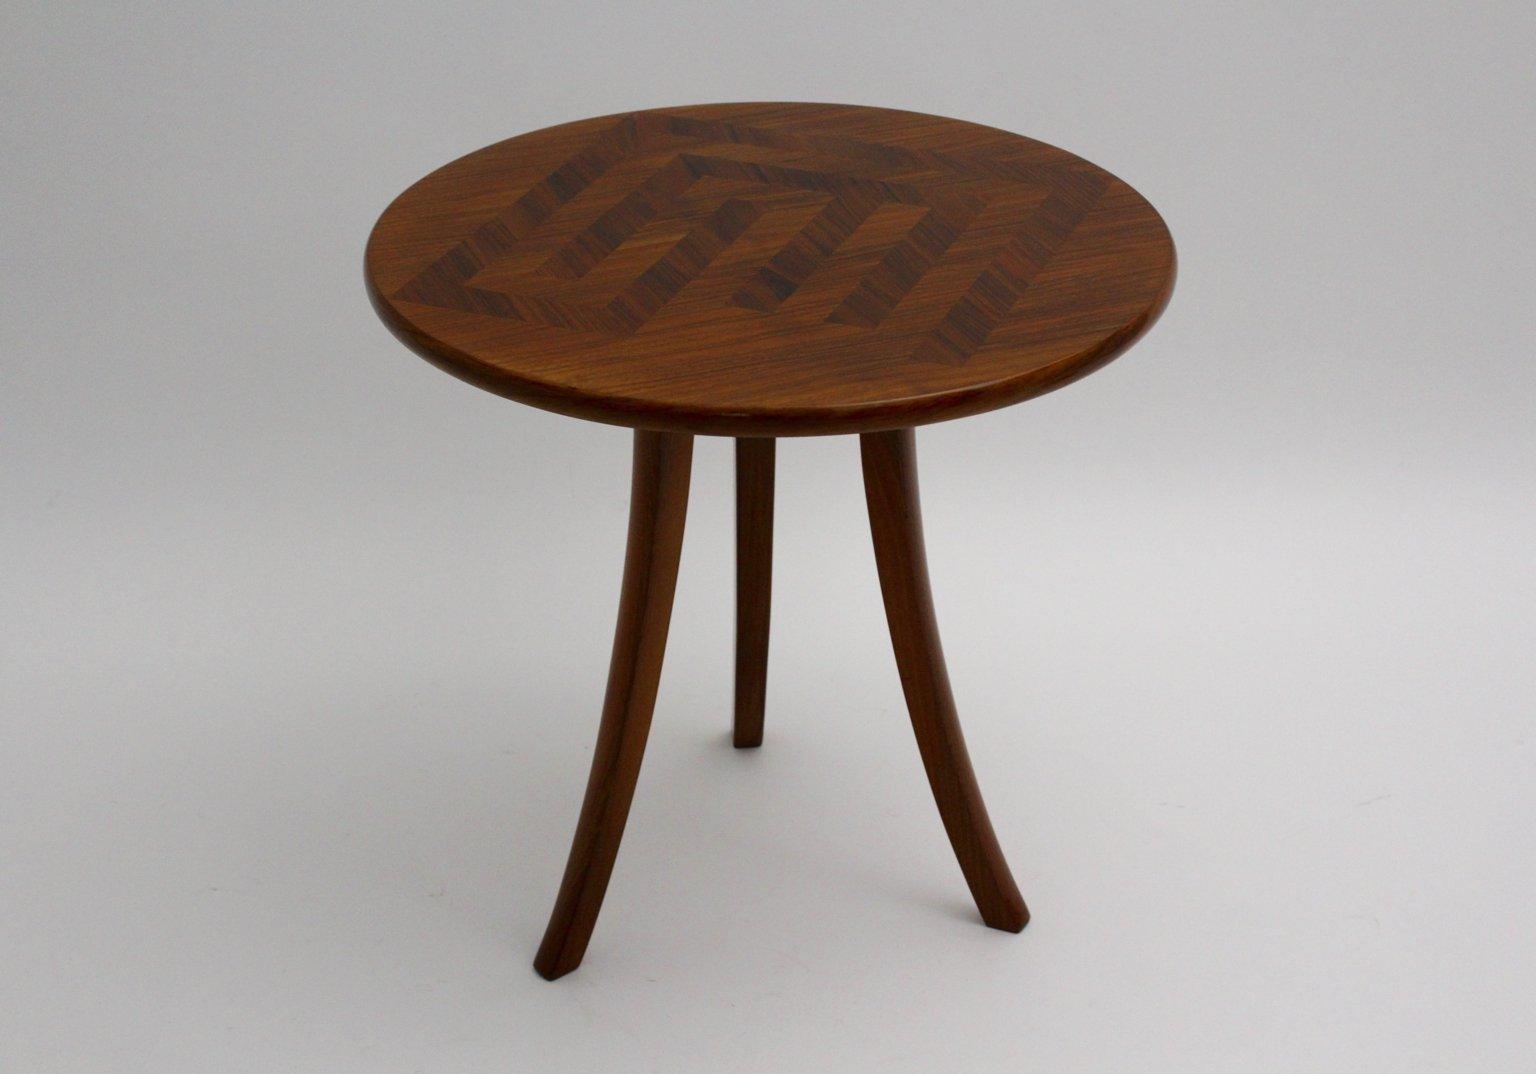 Art Deco Couchtisch mit Drei Tischbeinen von Josef Frank für Haus & Ga...